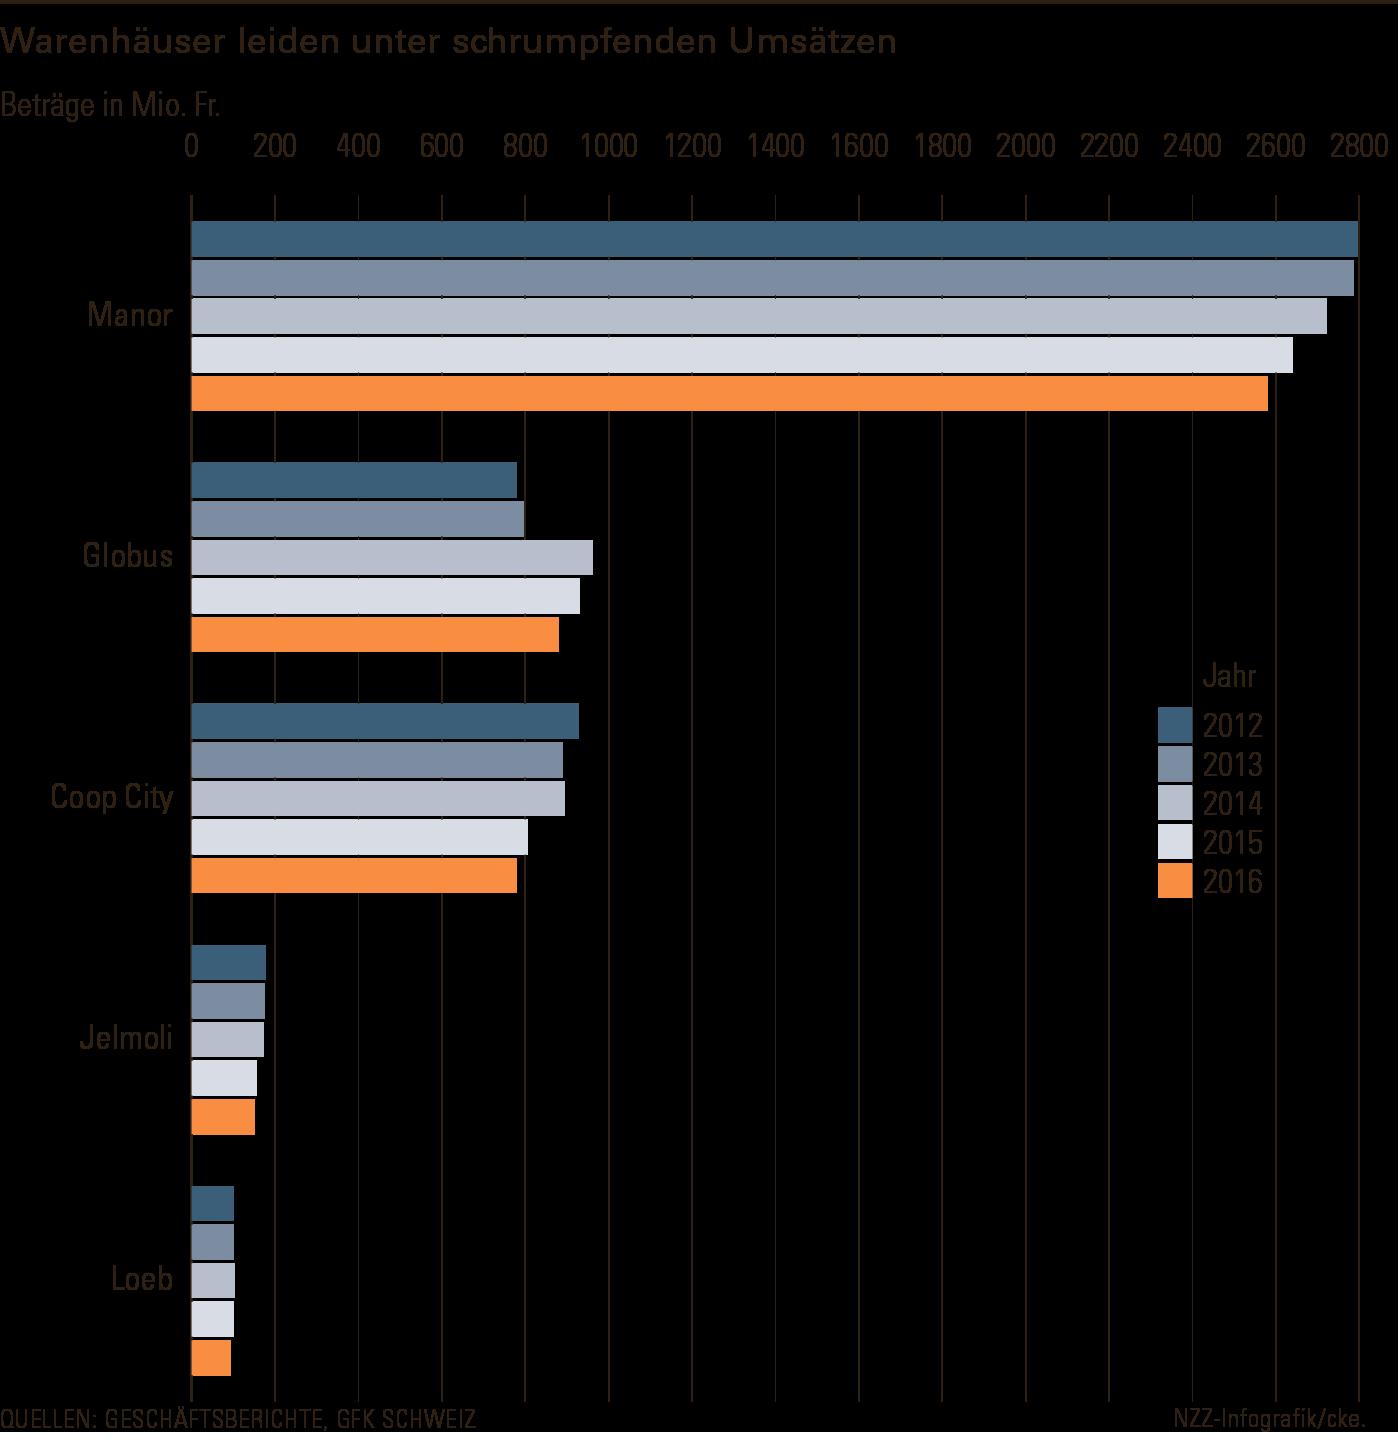 Warenhaus-Umsätze Schweiz - Quelle: Geschäftsberichte und GfK - Grafik: NZZ